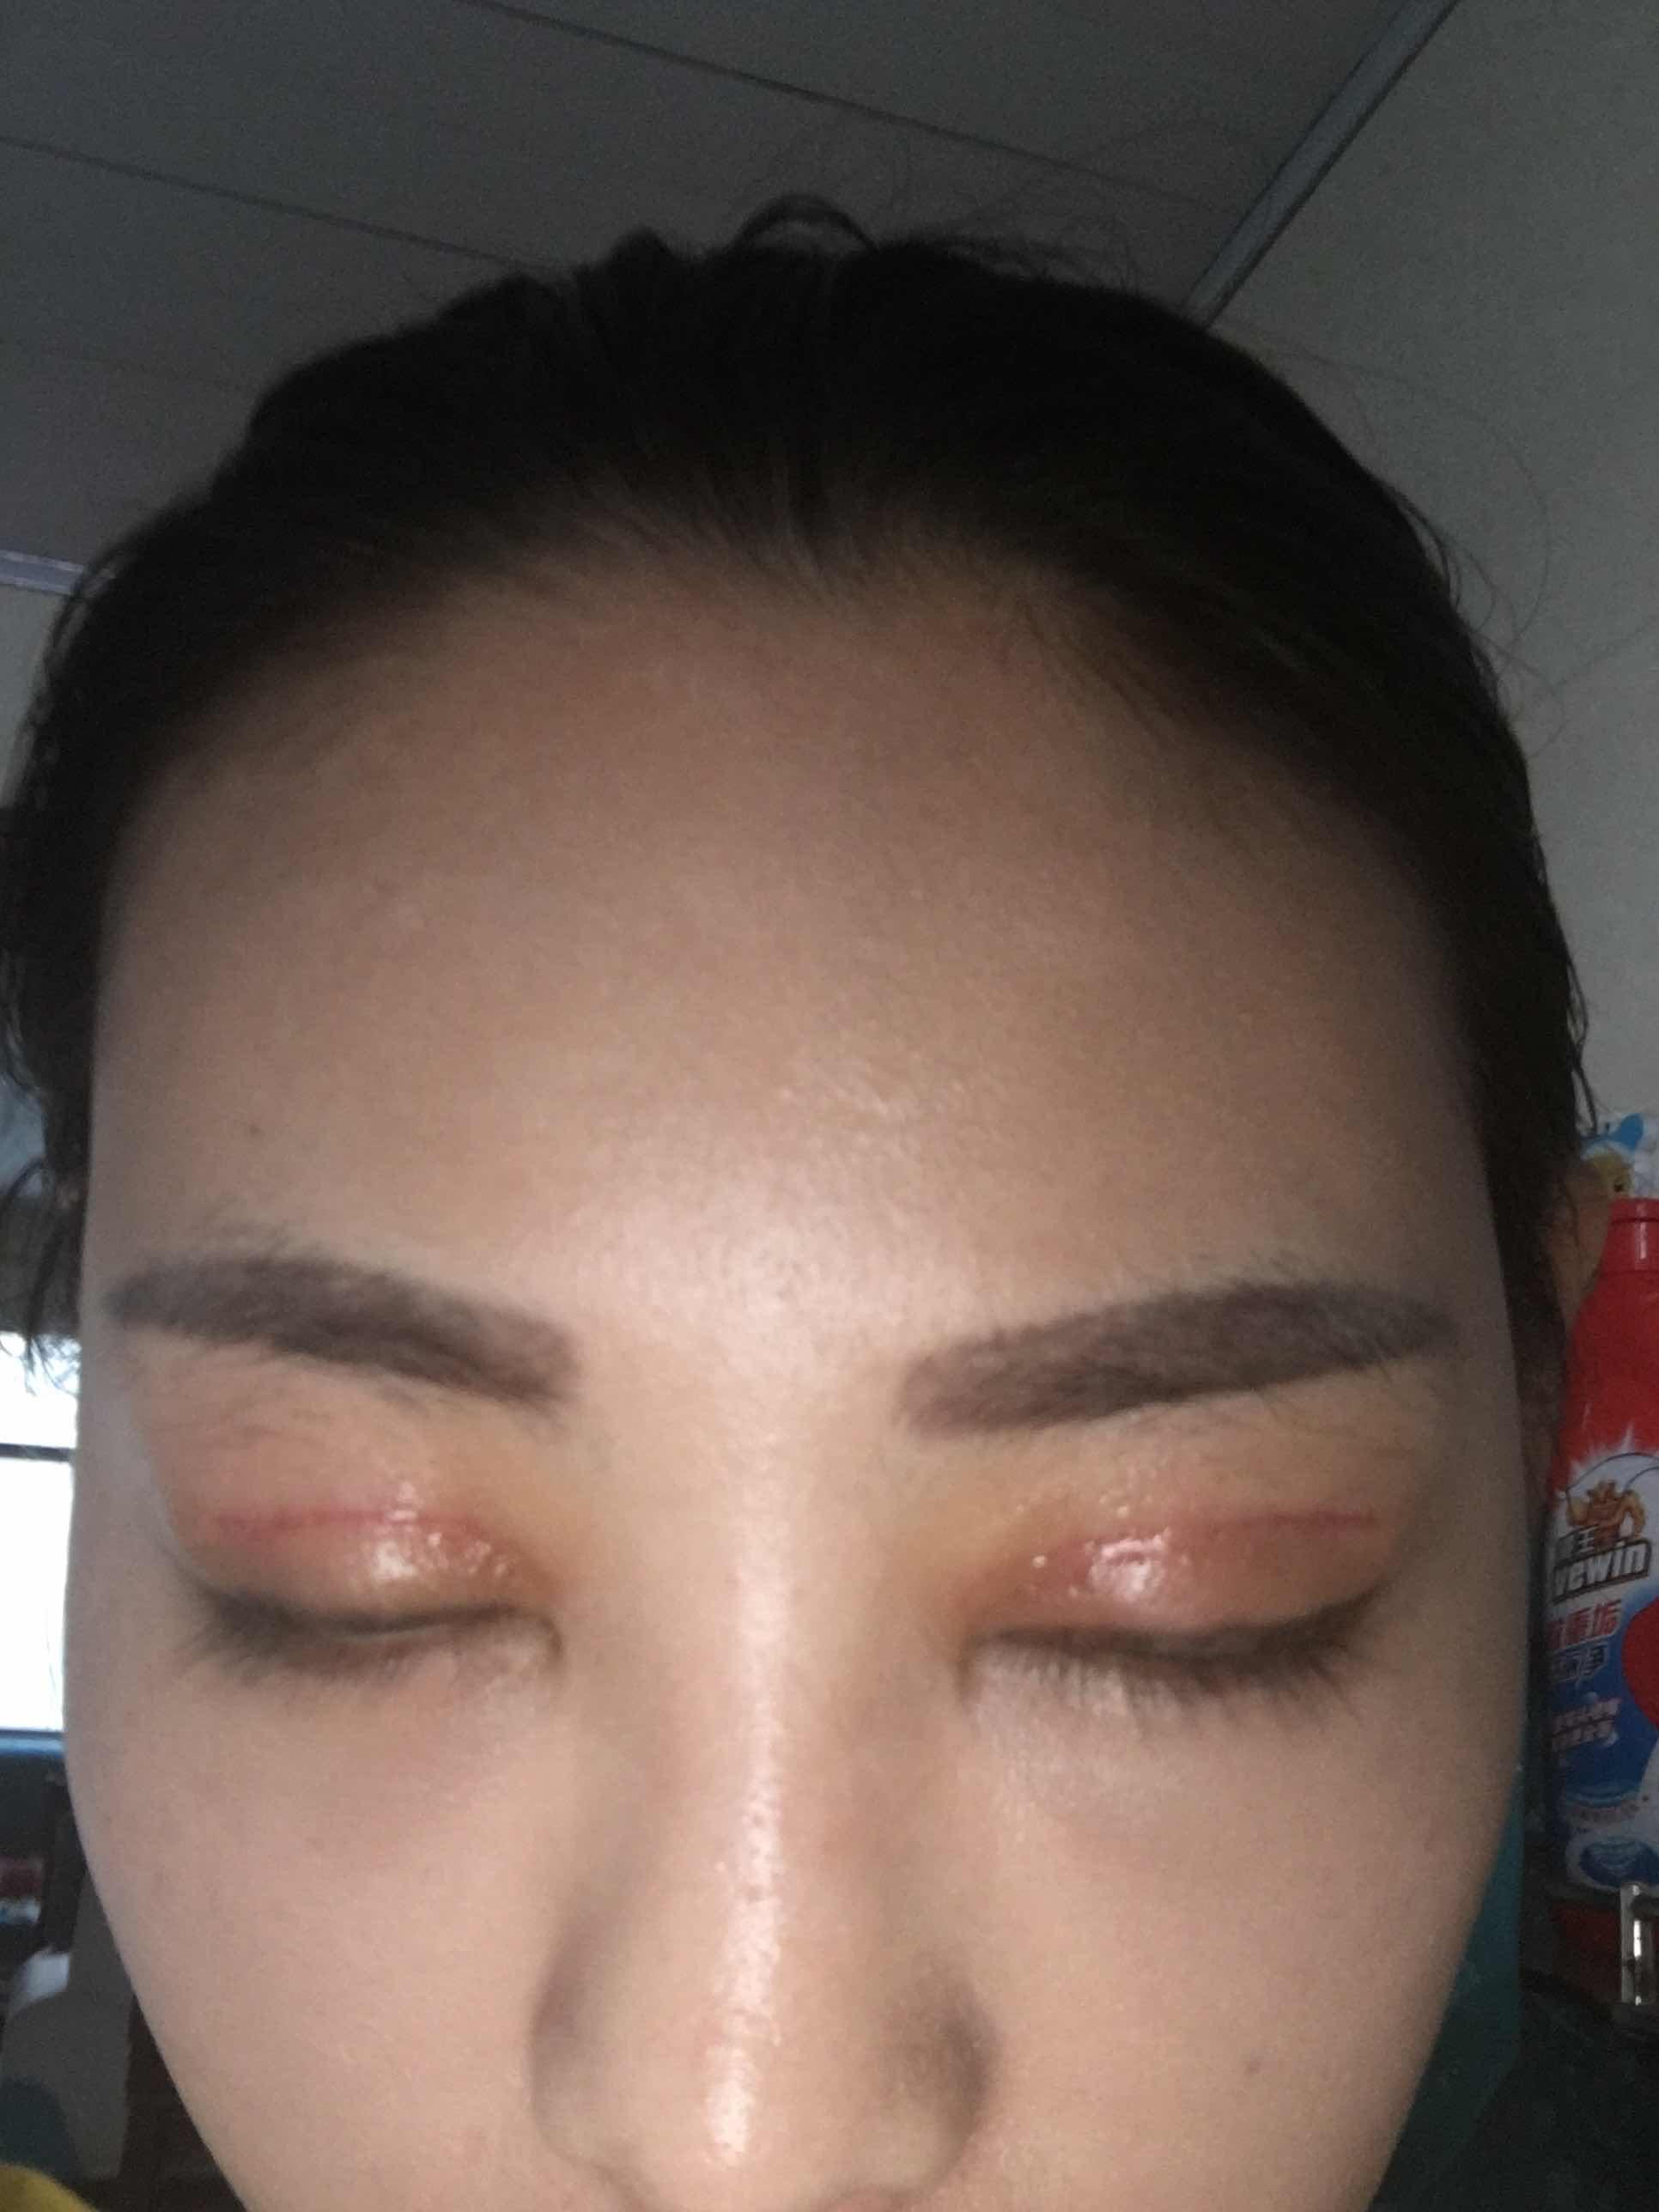 双眼皮手术后眼皮发红,双眼皮做的第十五天了,到现在线条还很红